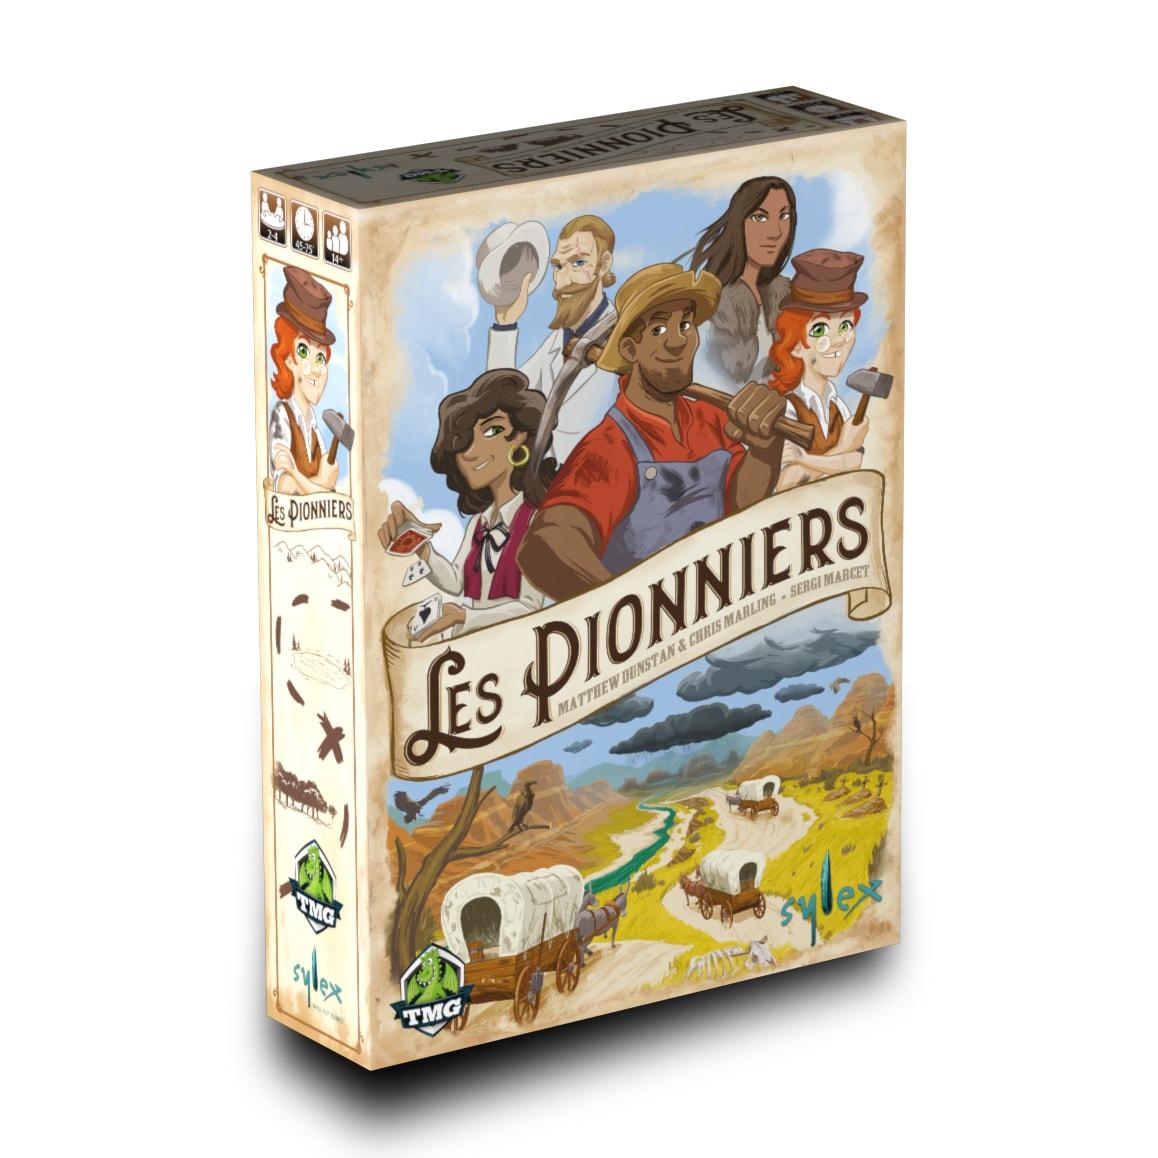 Les Pionniers jeu